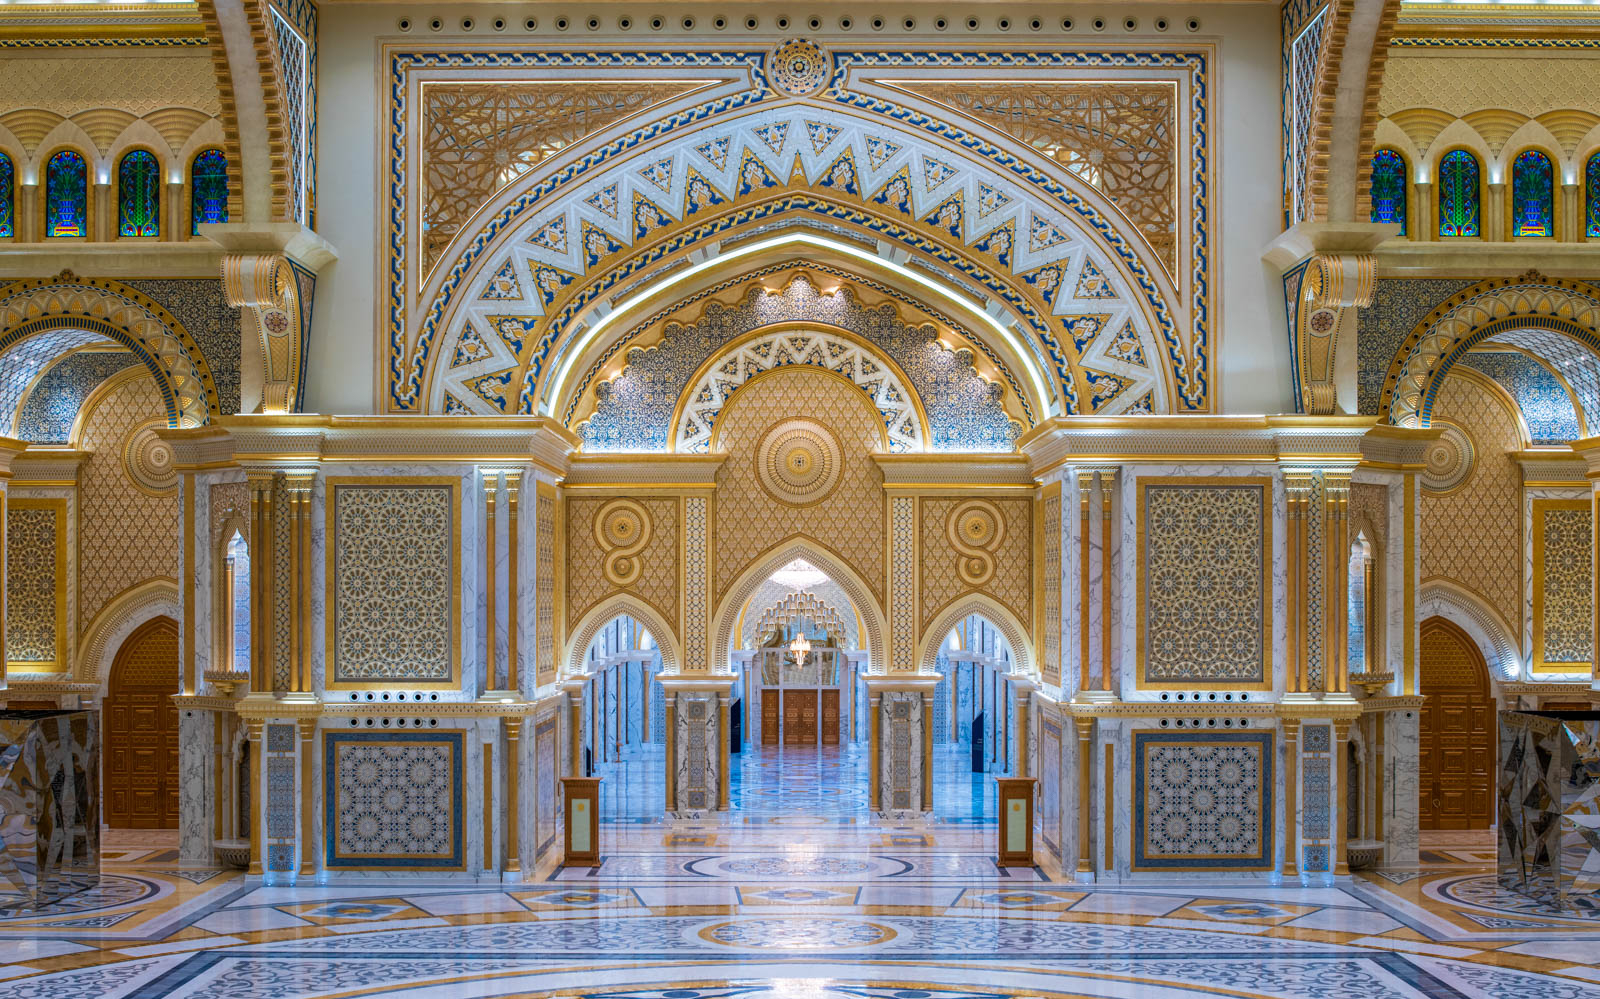 Qasr Al Watan - Skip the Line Tickets - Special Offers for JPMembers